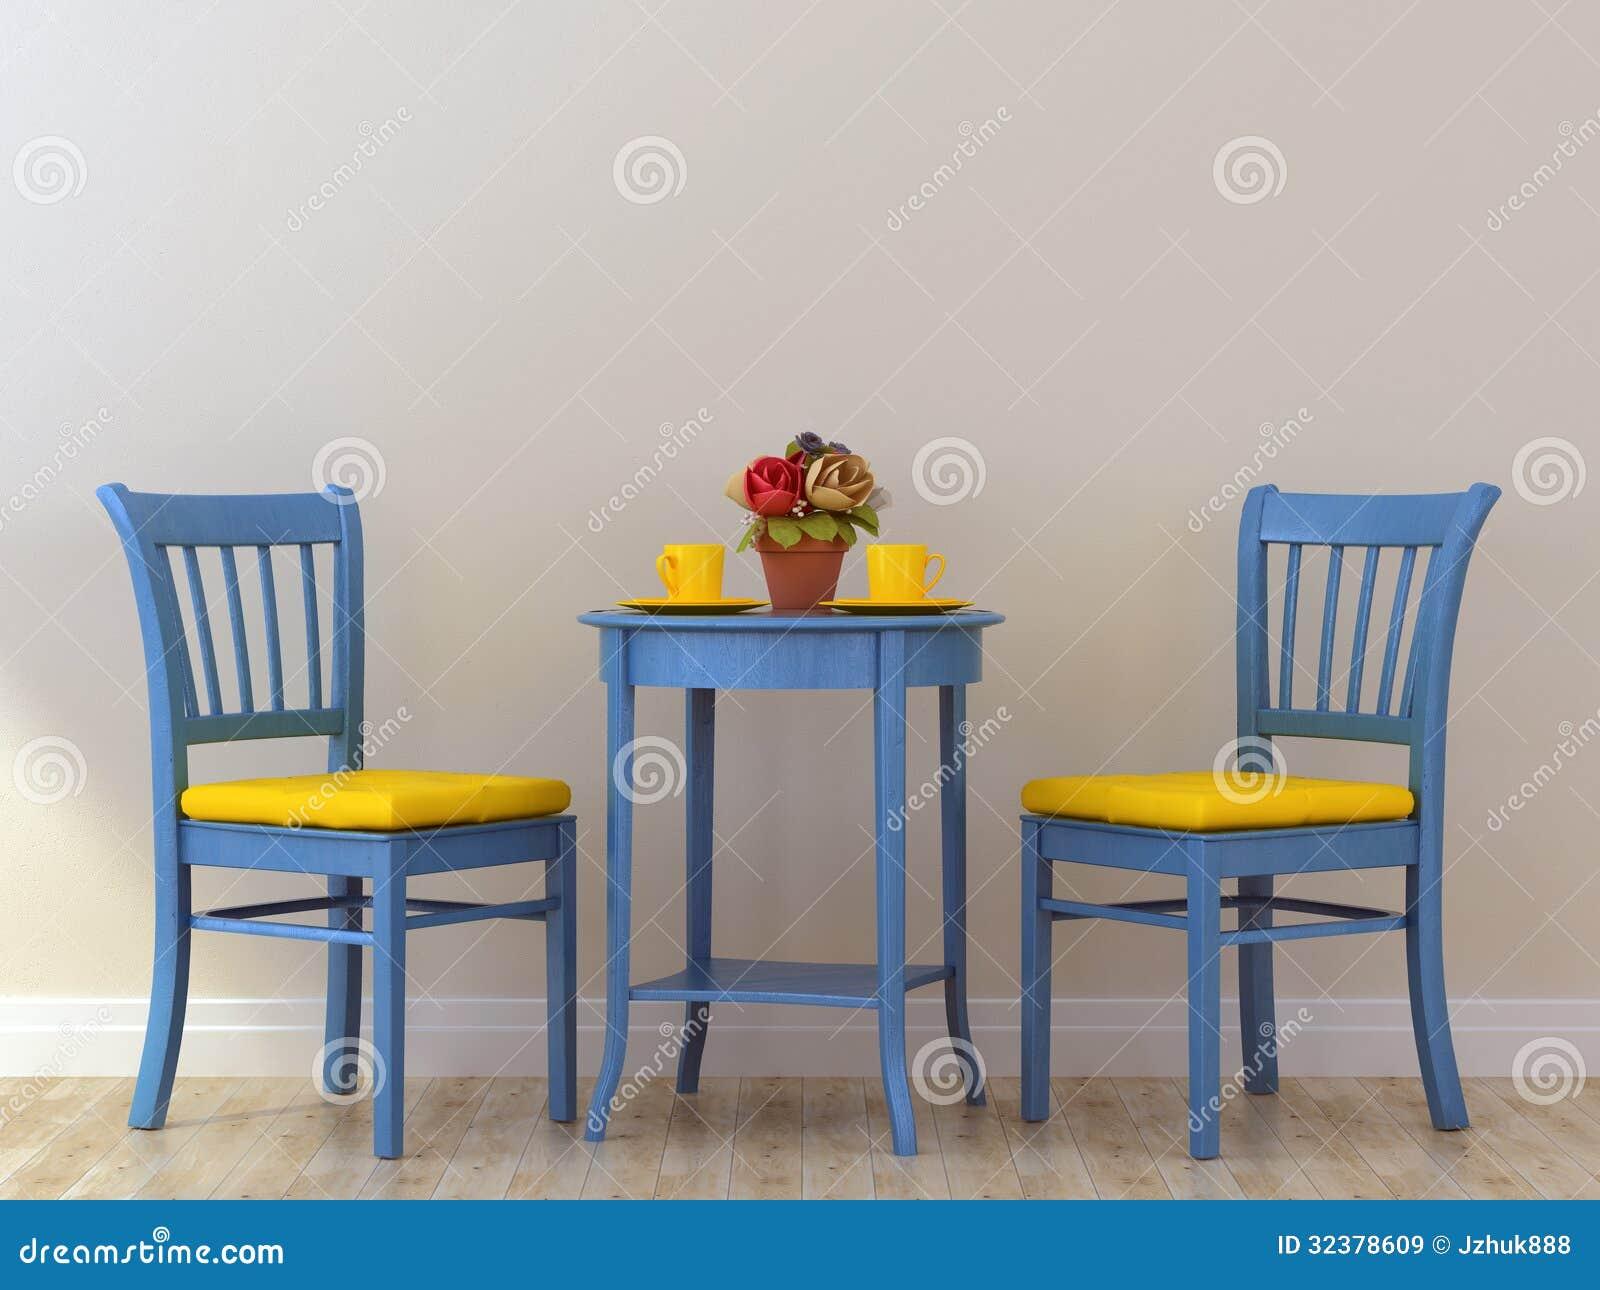 chaises bleues avec la table images libres de droits. Black Bedroom Furniture Sets. Home Design Ideas